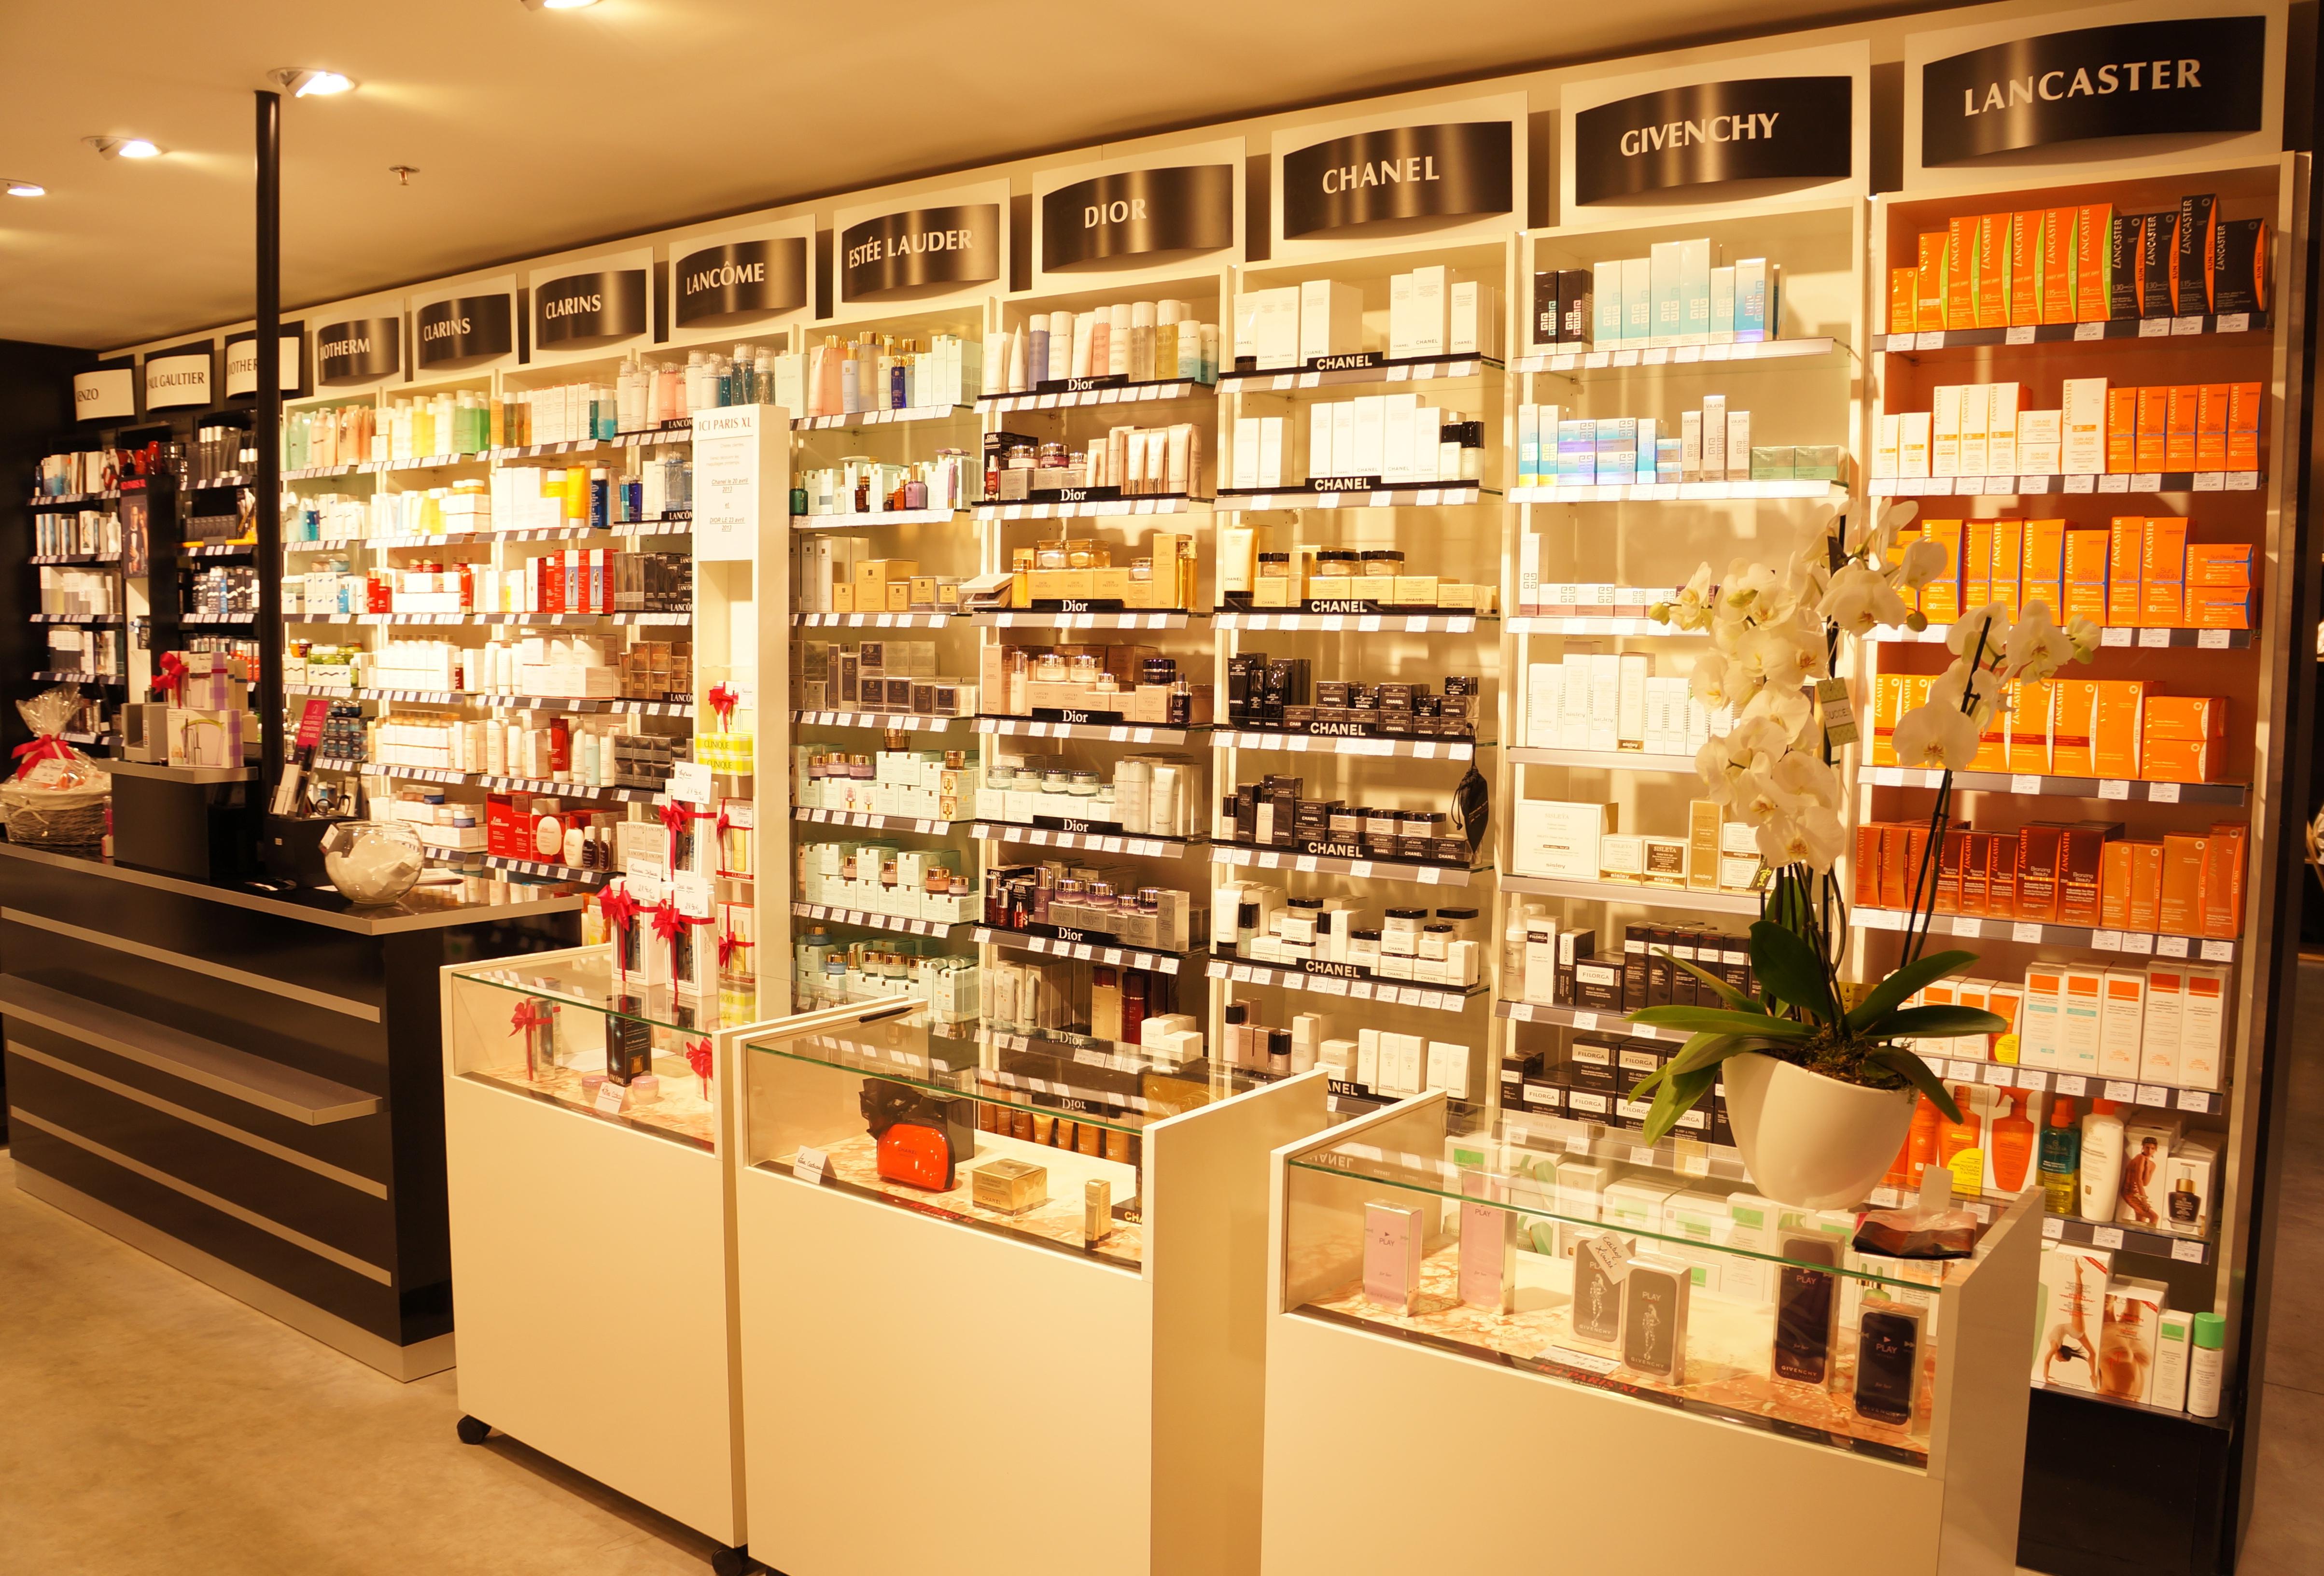 DIOR J u0027ADORE VAPORISATEUR DE SAC EAU DE PARFUM RECHARGES 3X20ML 3 ST  parfum femme ici paris xl 08567297f92